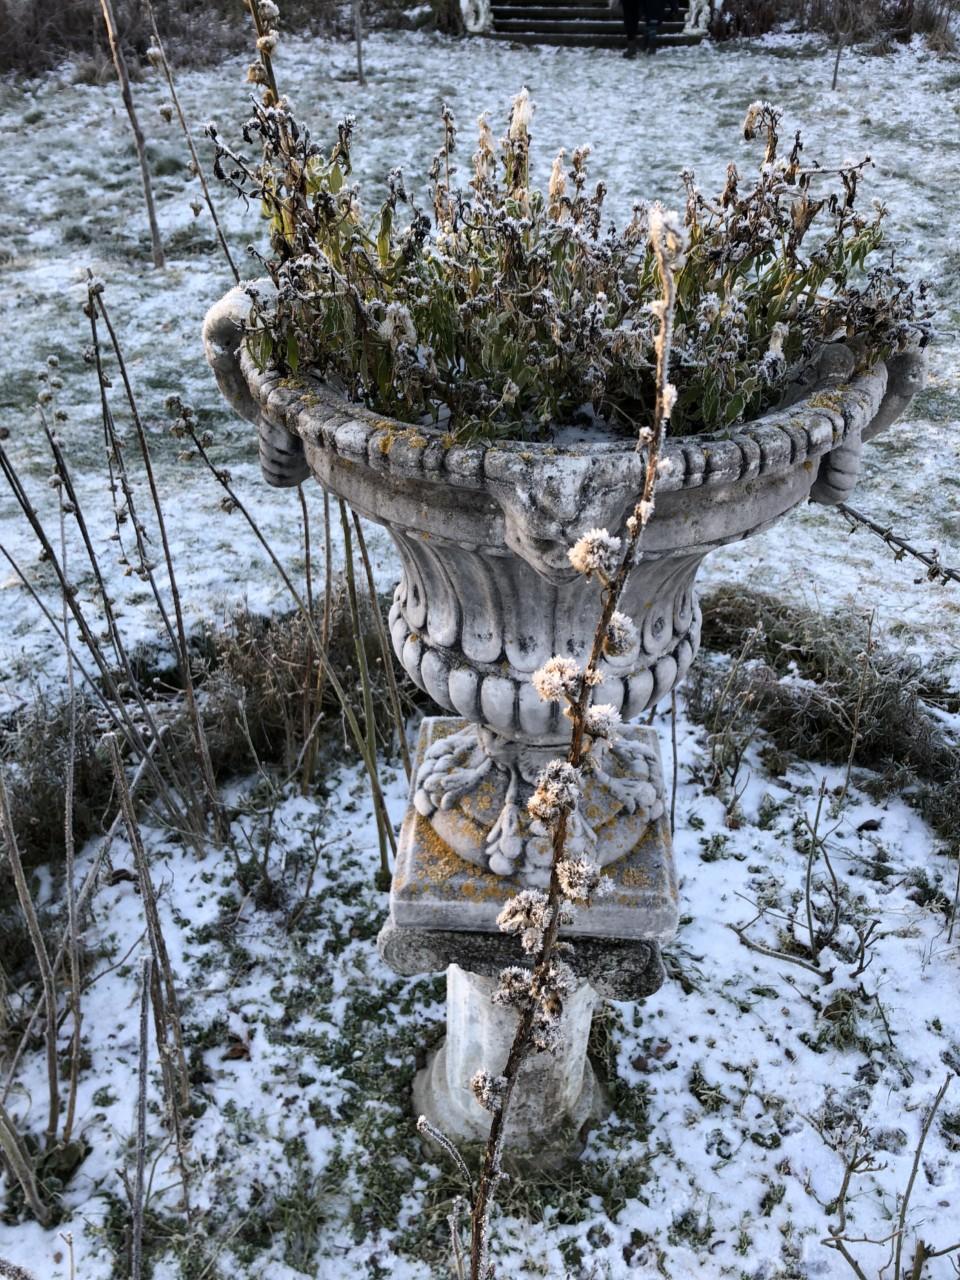 blomster-potte-lindehagen-nesodden